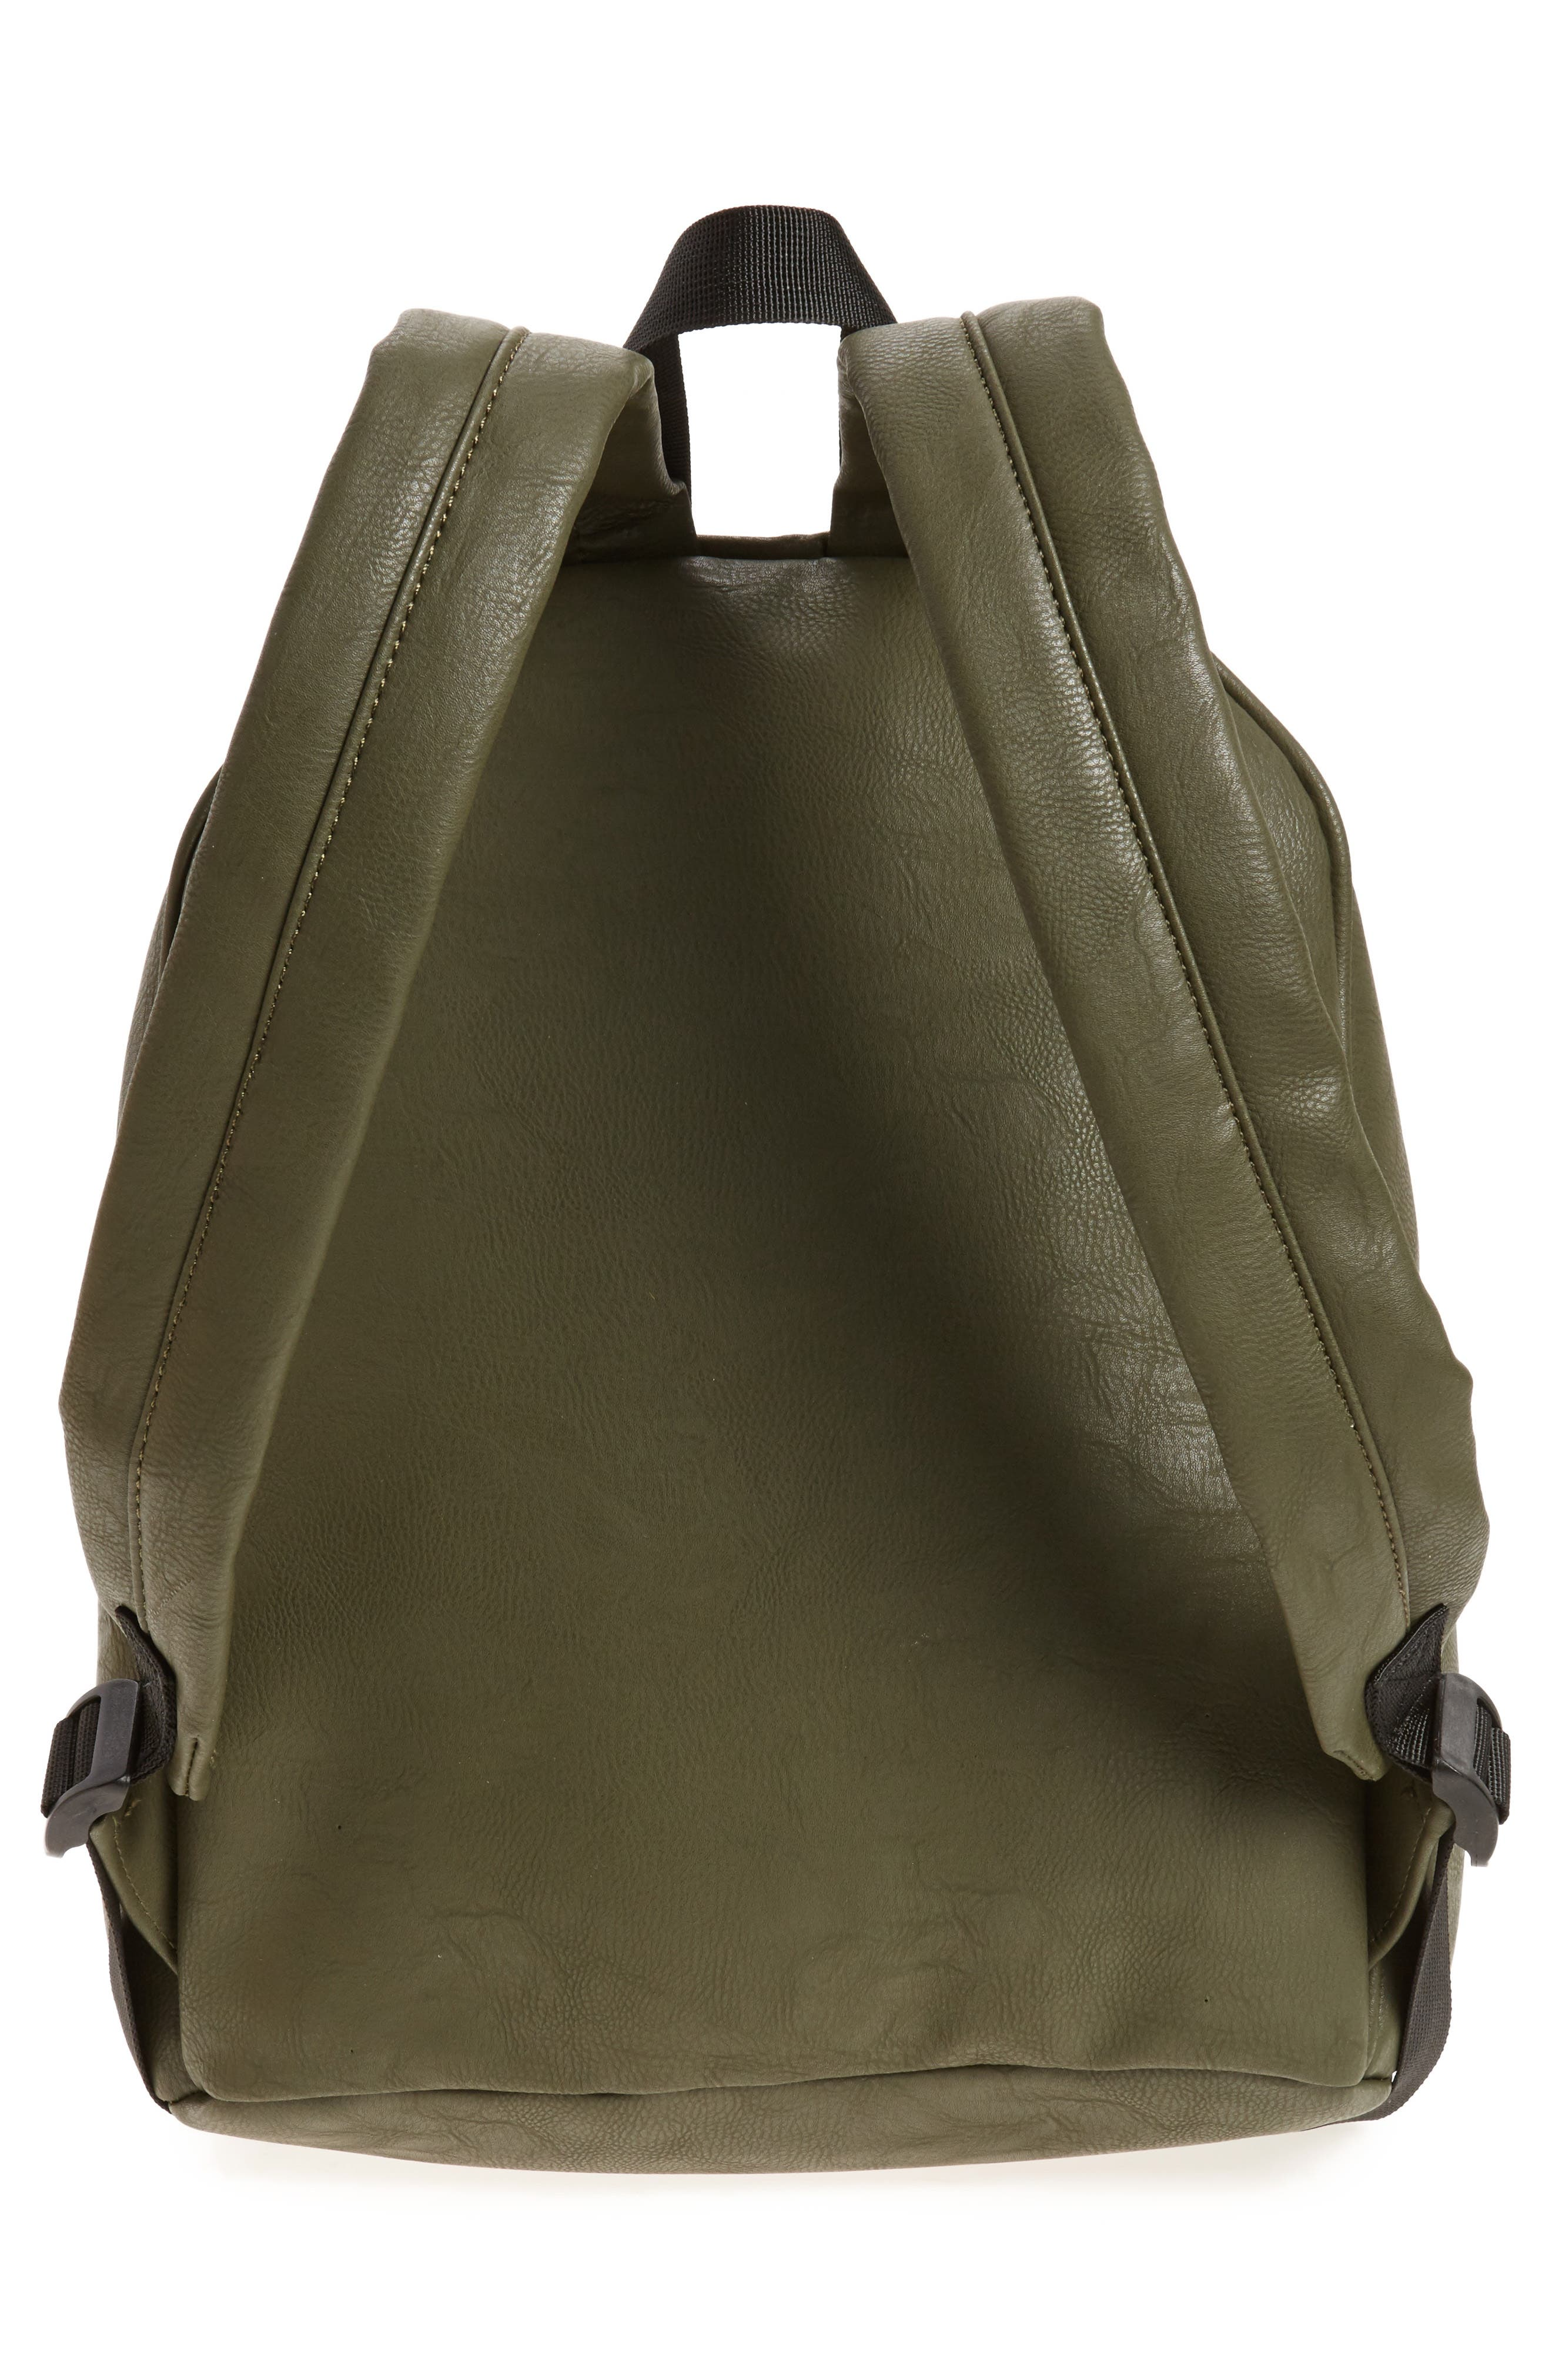 Alternate Image 3  - OMG Sequin Rose Appliqué Faux Leather Backpack (Girls)